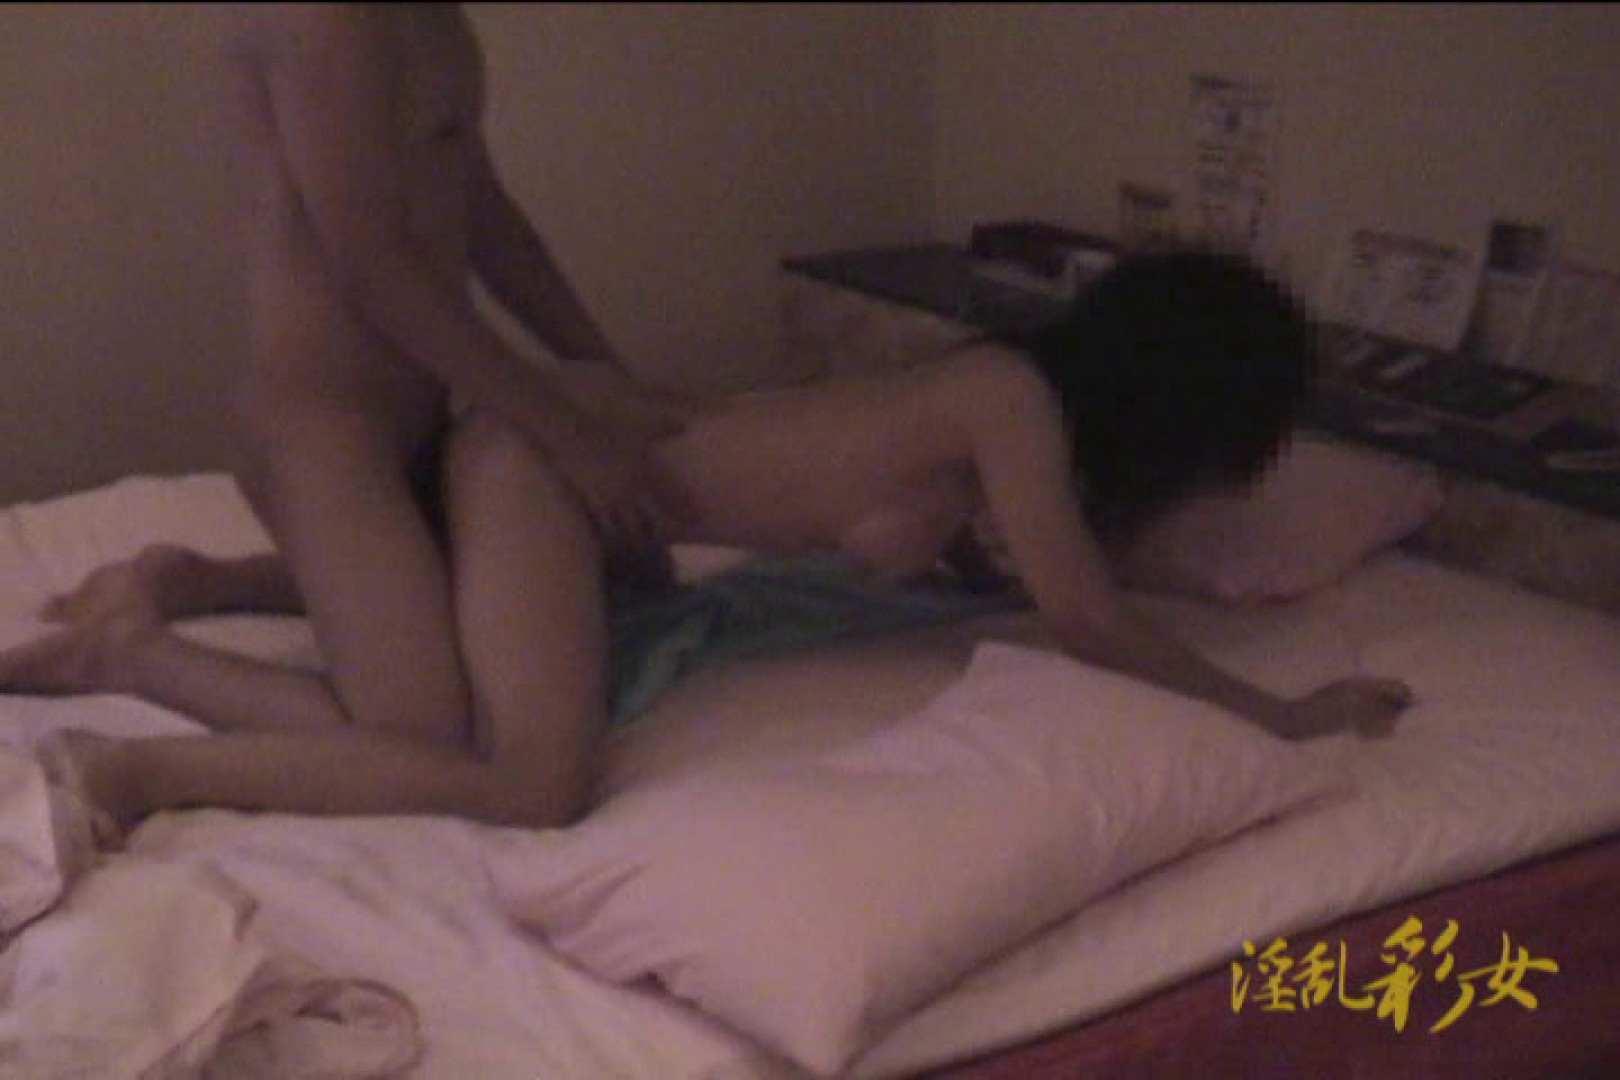 淫乱彩女 麻優里 旦那さんが撮影中に単独さんと!! 3P おめこ無修正画像 109pic 62